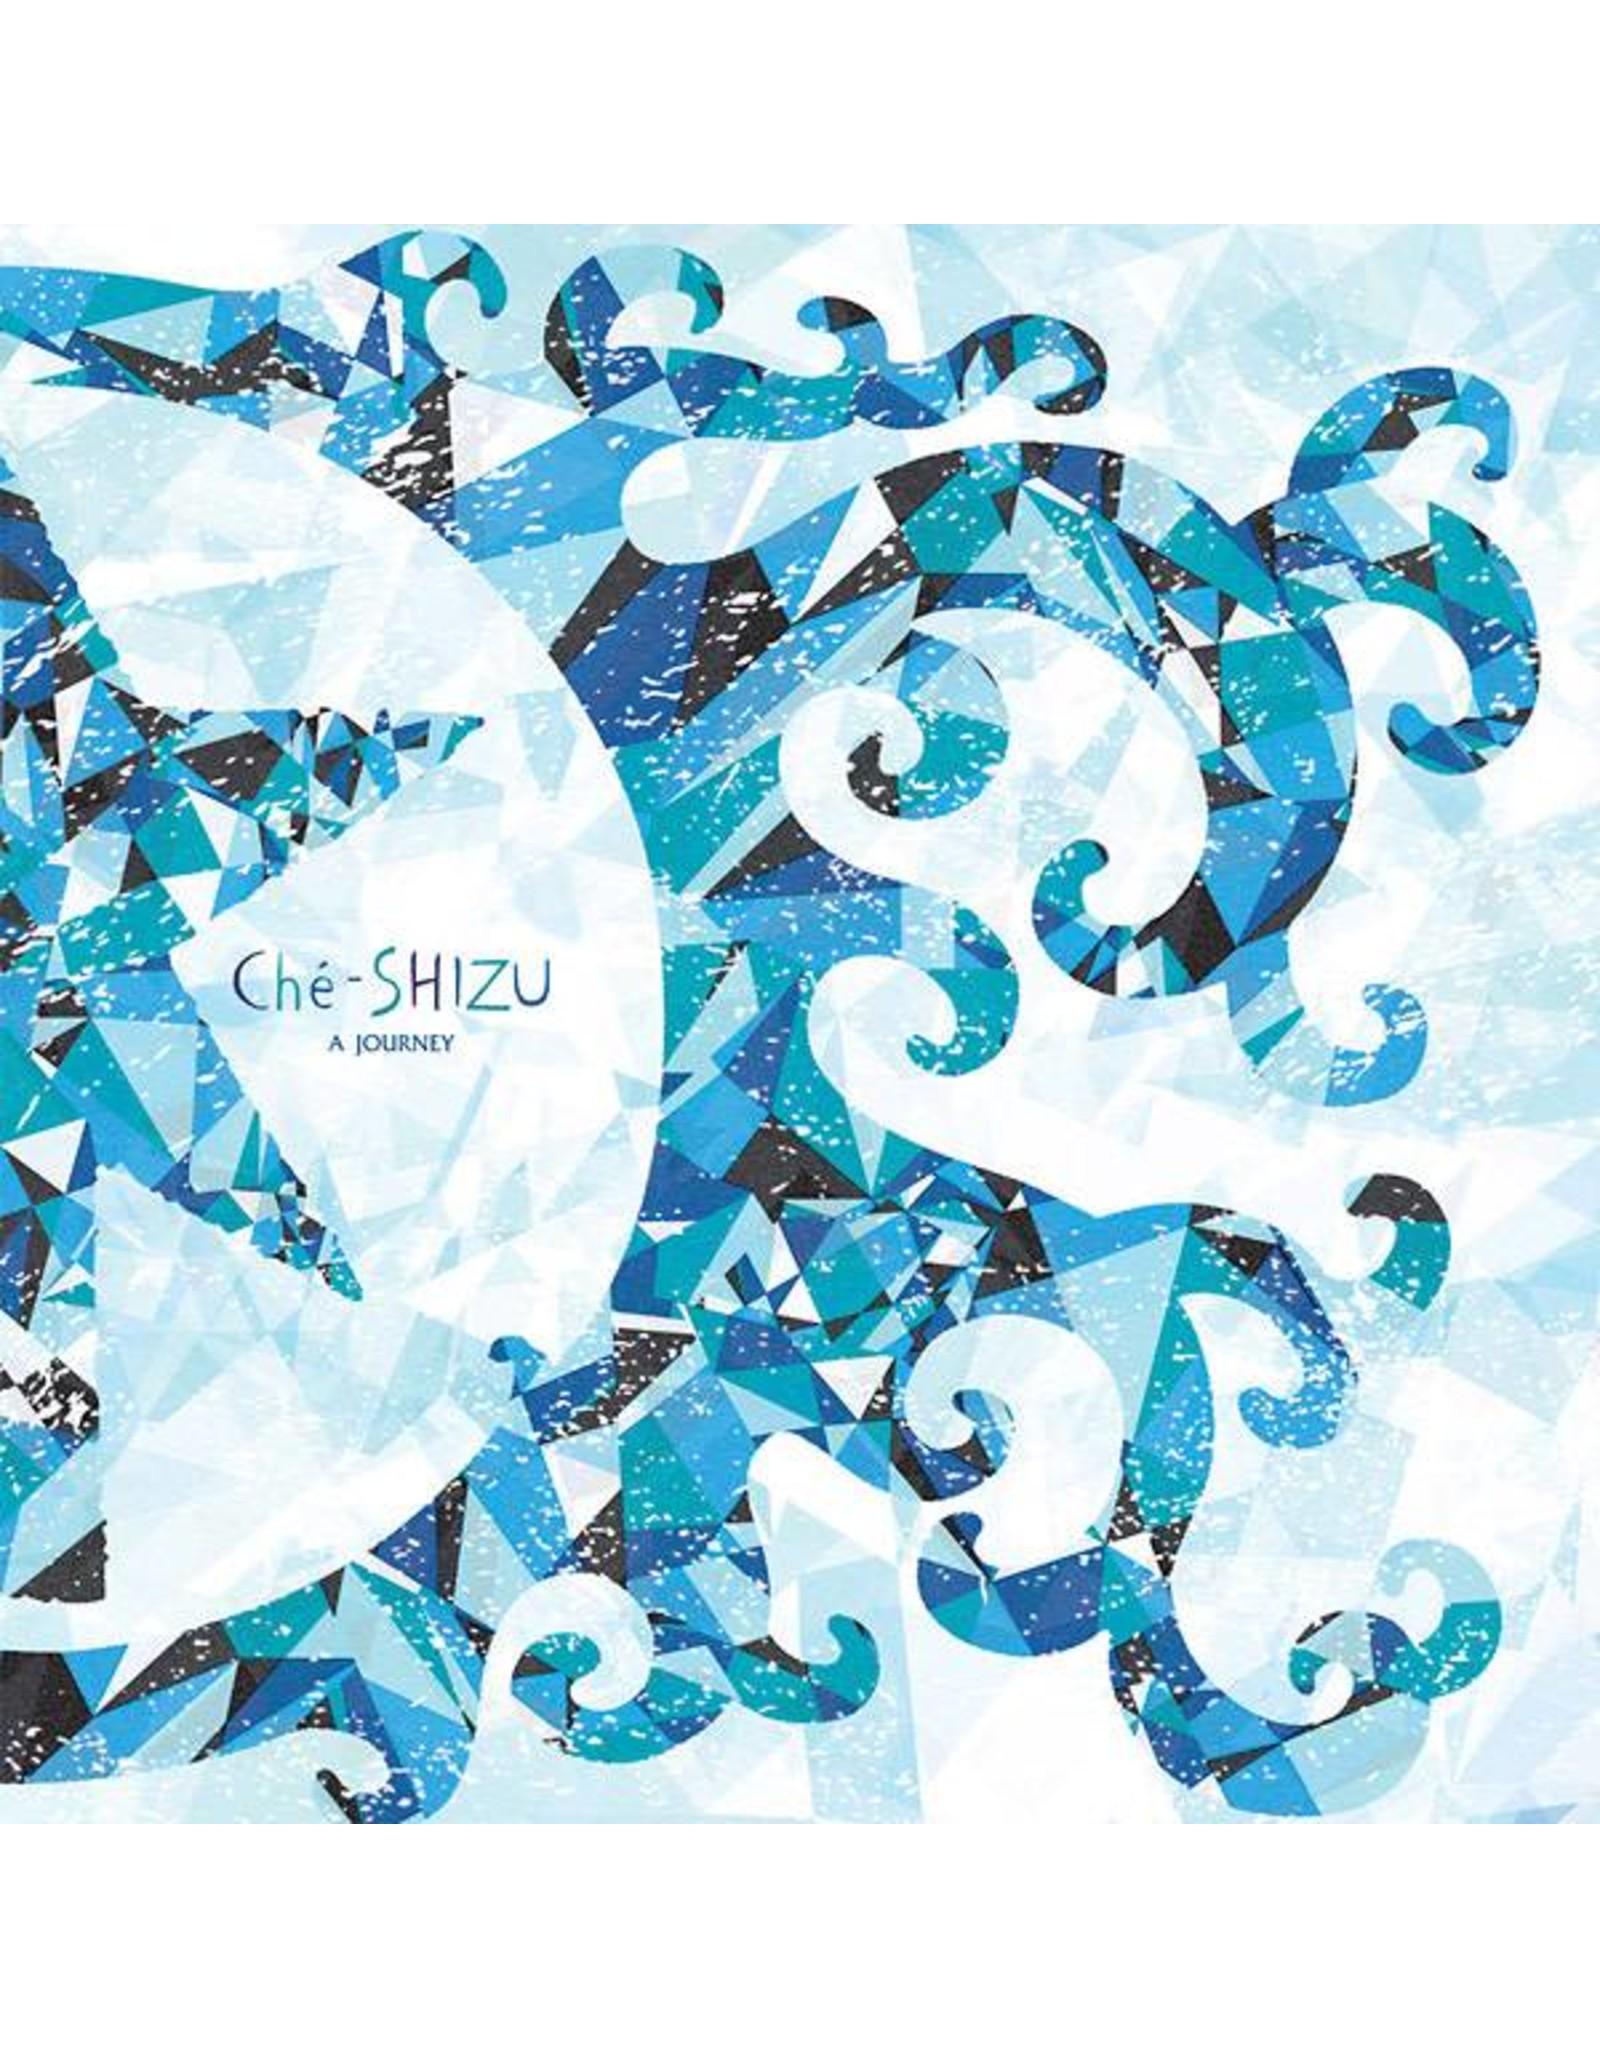 Black Editions Che'-SHIZU: A Journey 2LP